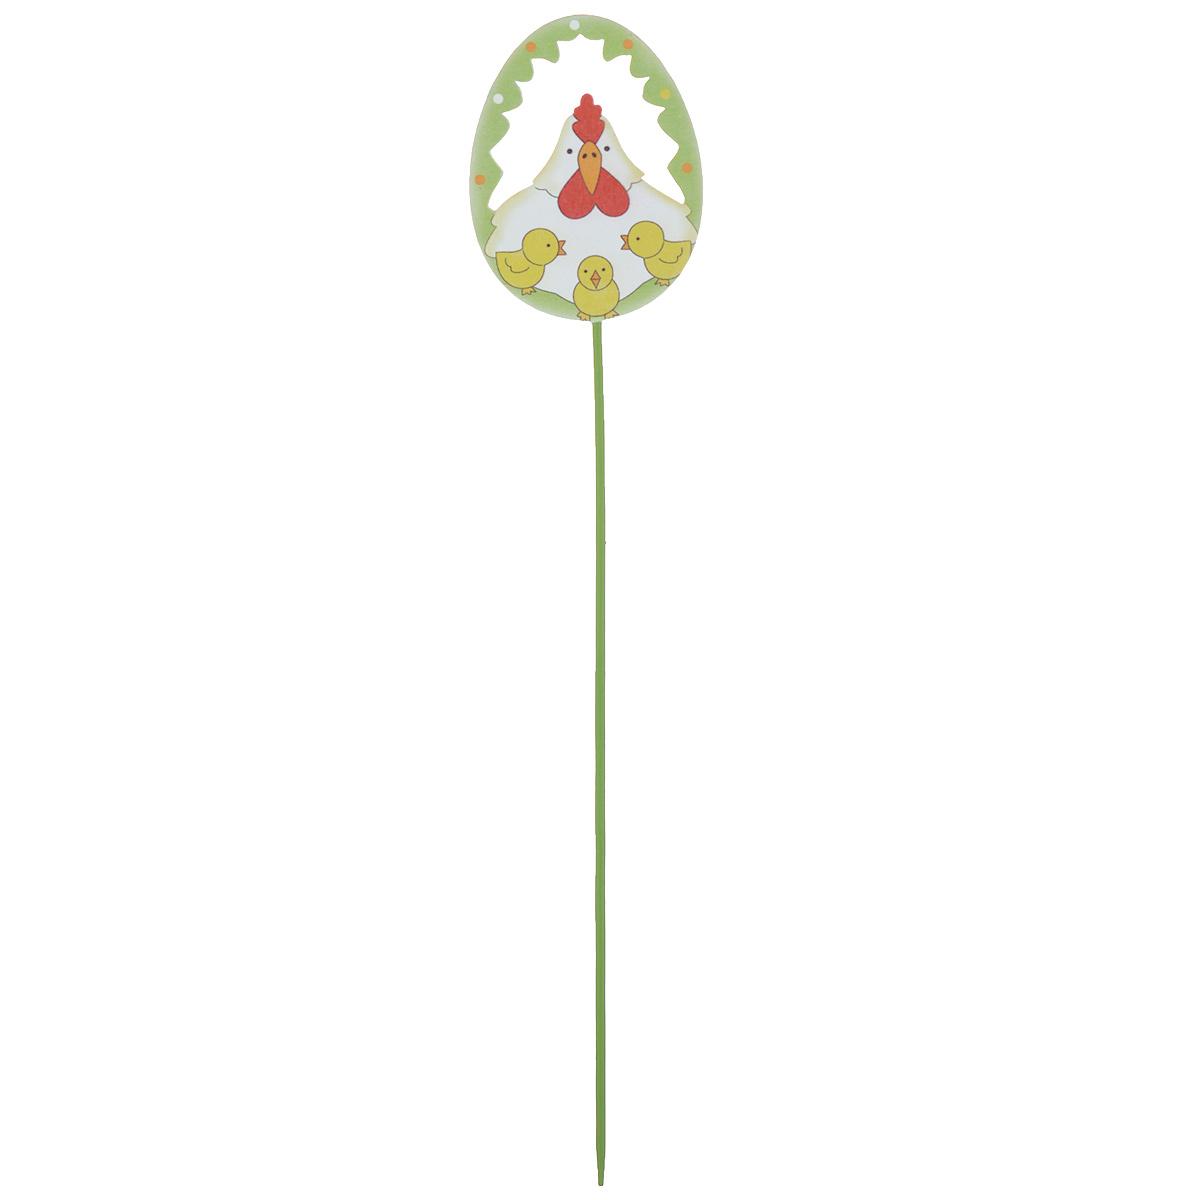 Декоративное украшение на ножке Home Queen Веселье. Курица, цвет: белый, зеленый, высота 26,5 см66765_3Украшение пасхальное Home Queen Веселье. Курица изготовлено из дерева и предназначено для декорирования праздничного стола. Изделие выполнено в виде яйца на деревянной шпажке с перфорацией в виде курицы. Такое украшение прекрасно дополнит подарок для друзей и близких на Пасху. Высота: 26,5 см. Размер яйца: 6,5 см х 5 см х 0,5 см.